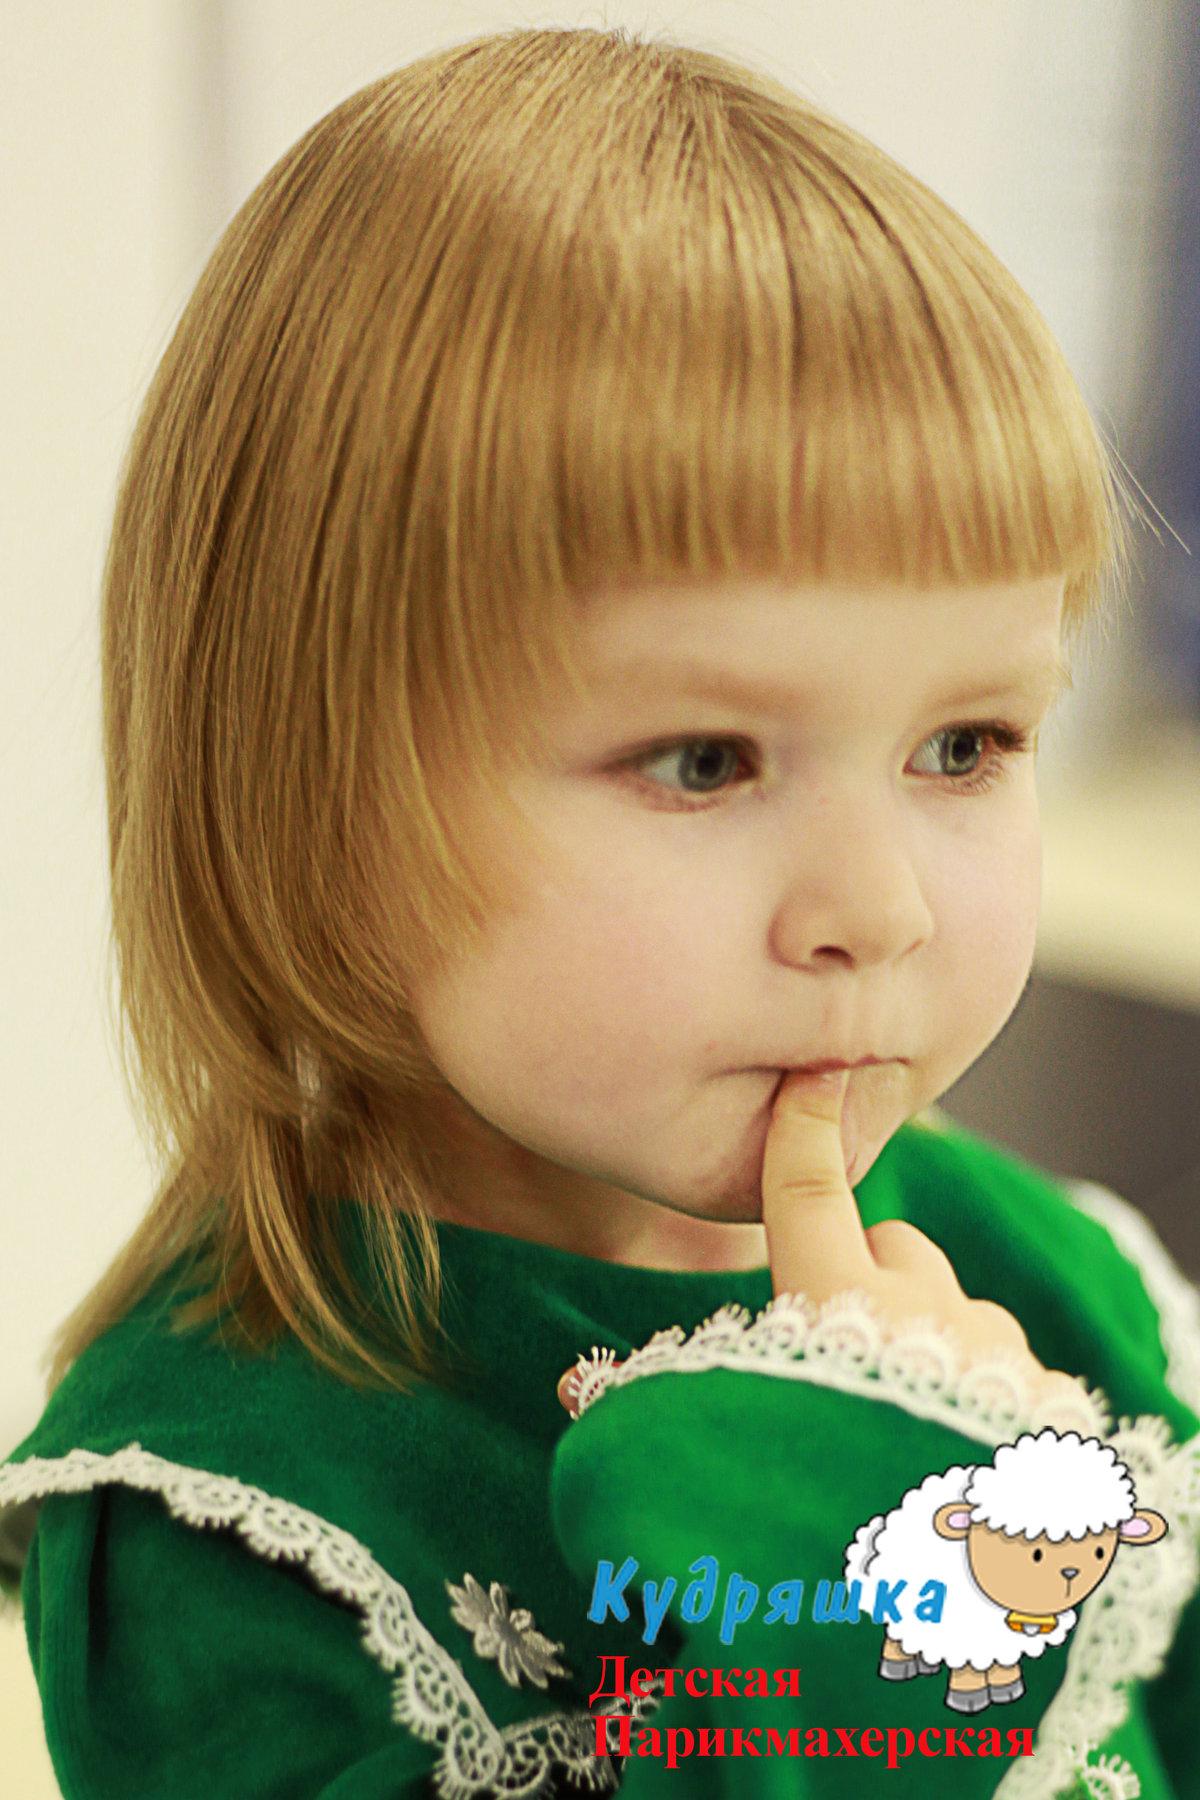 Фото причесок девочек 3 лет